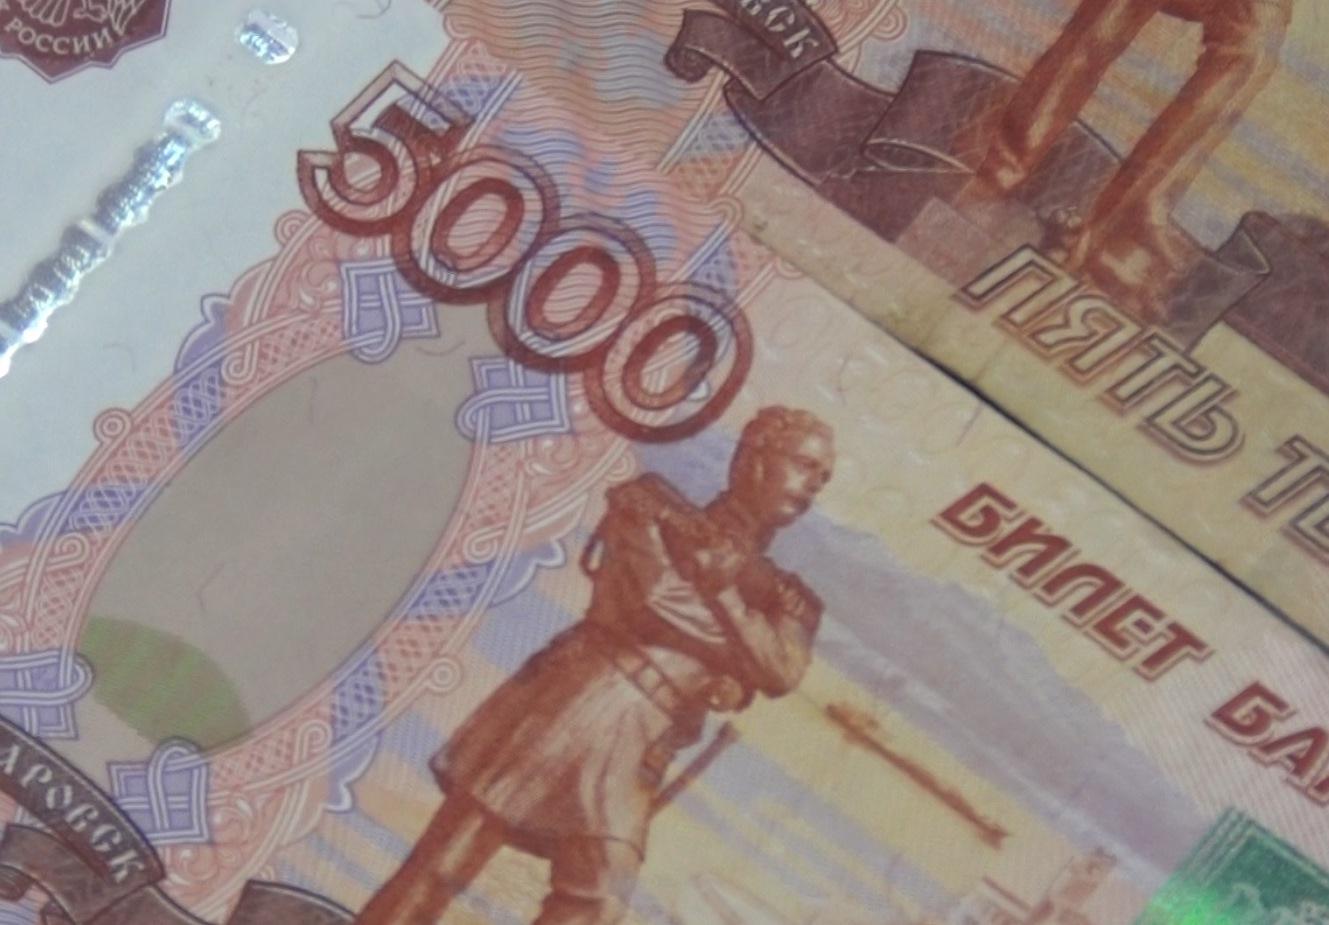 Жители Петербурга, сбывавшие в Ярославле поддельные деньги, пойдут под суд